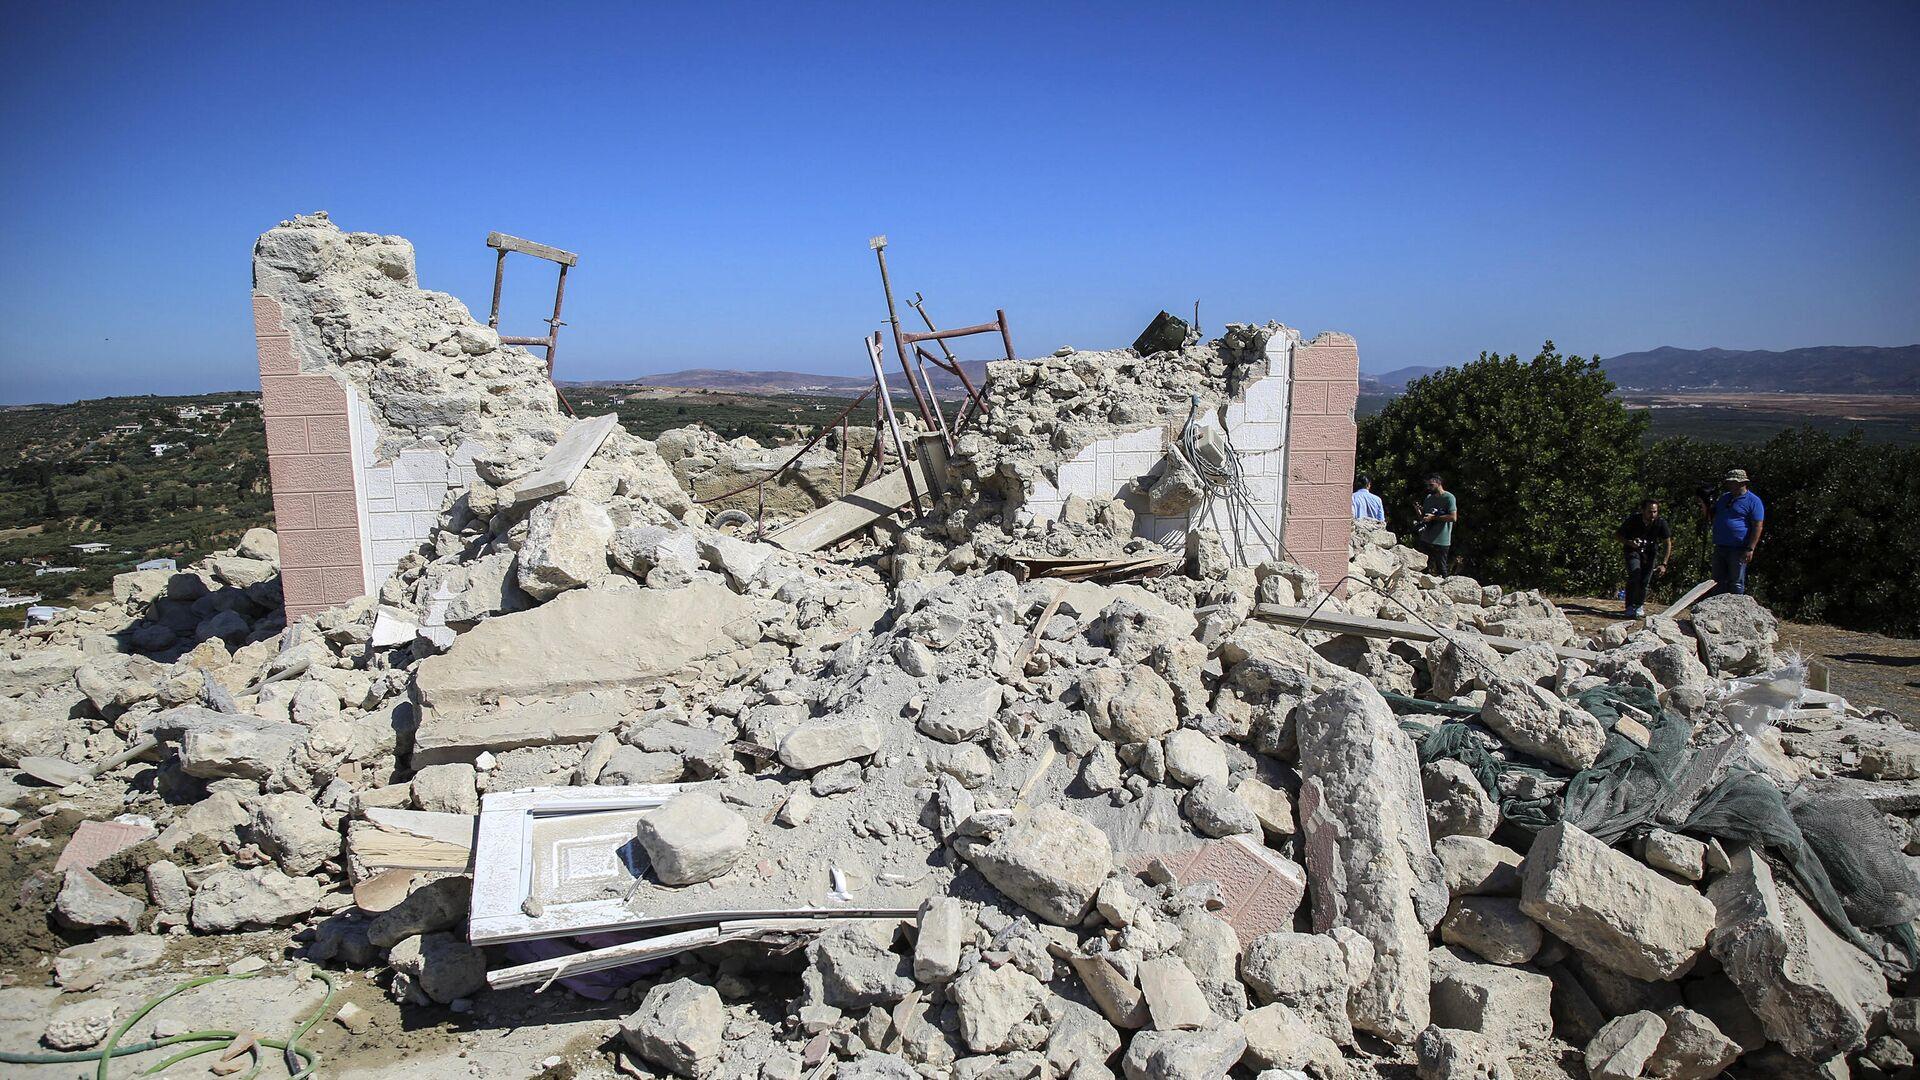 Συντρίμμια στο Αρκαλοχώρι μετά τον σεισμό των 5,8 Ρίχτερ - Sputnik Ελλάδα, 1920, 27.09.2021